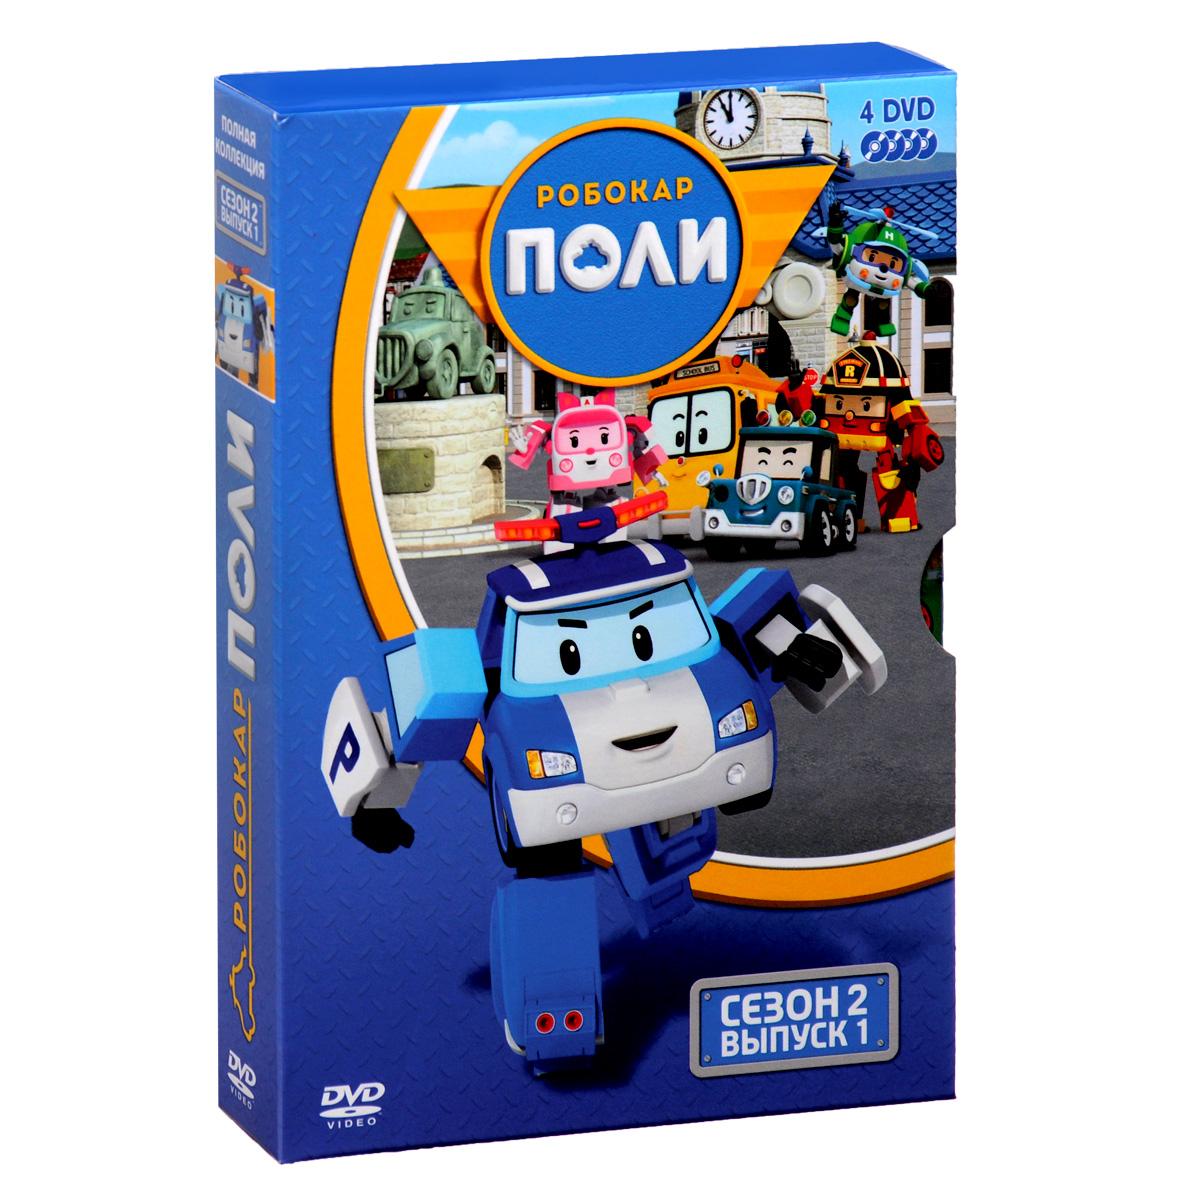 Робокар Поли: Полная коллекция: Сезон 2, выпуск 1 (4 DVD) робокар поли полная коллекция сезон 2 выпуск 1 4 dvd